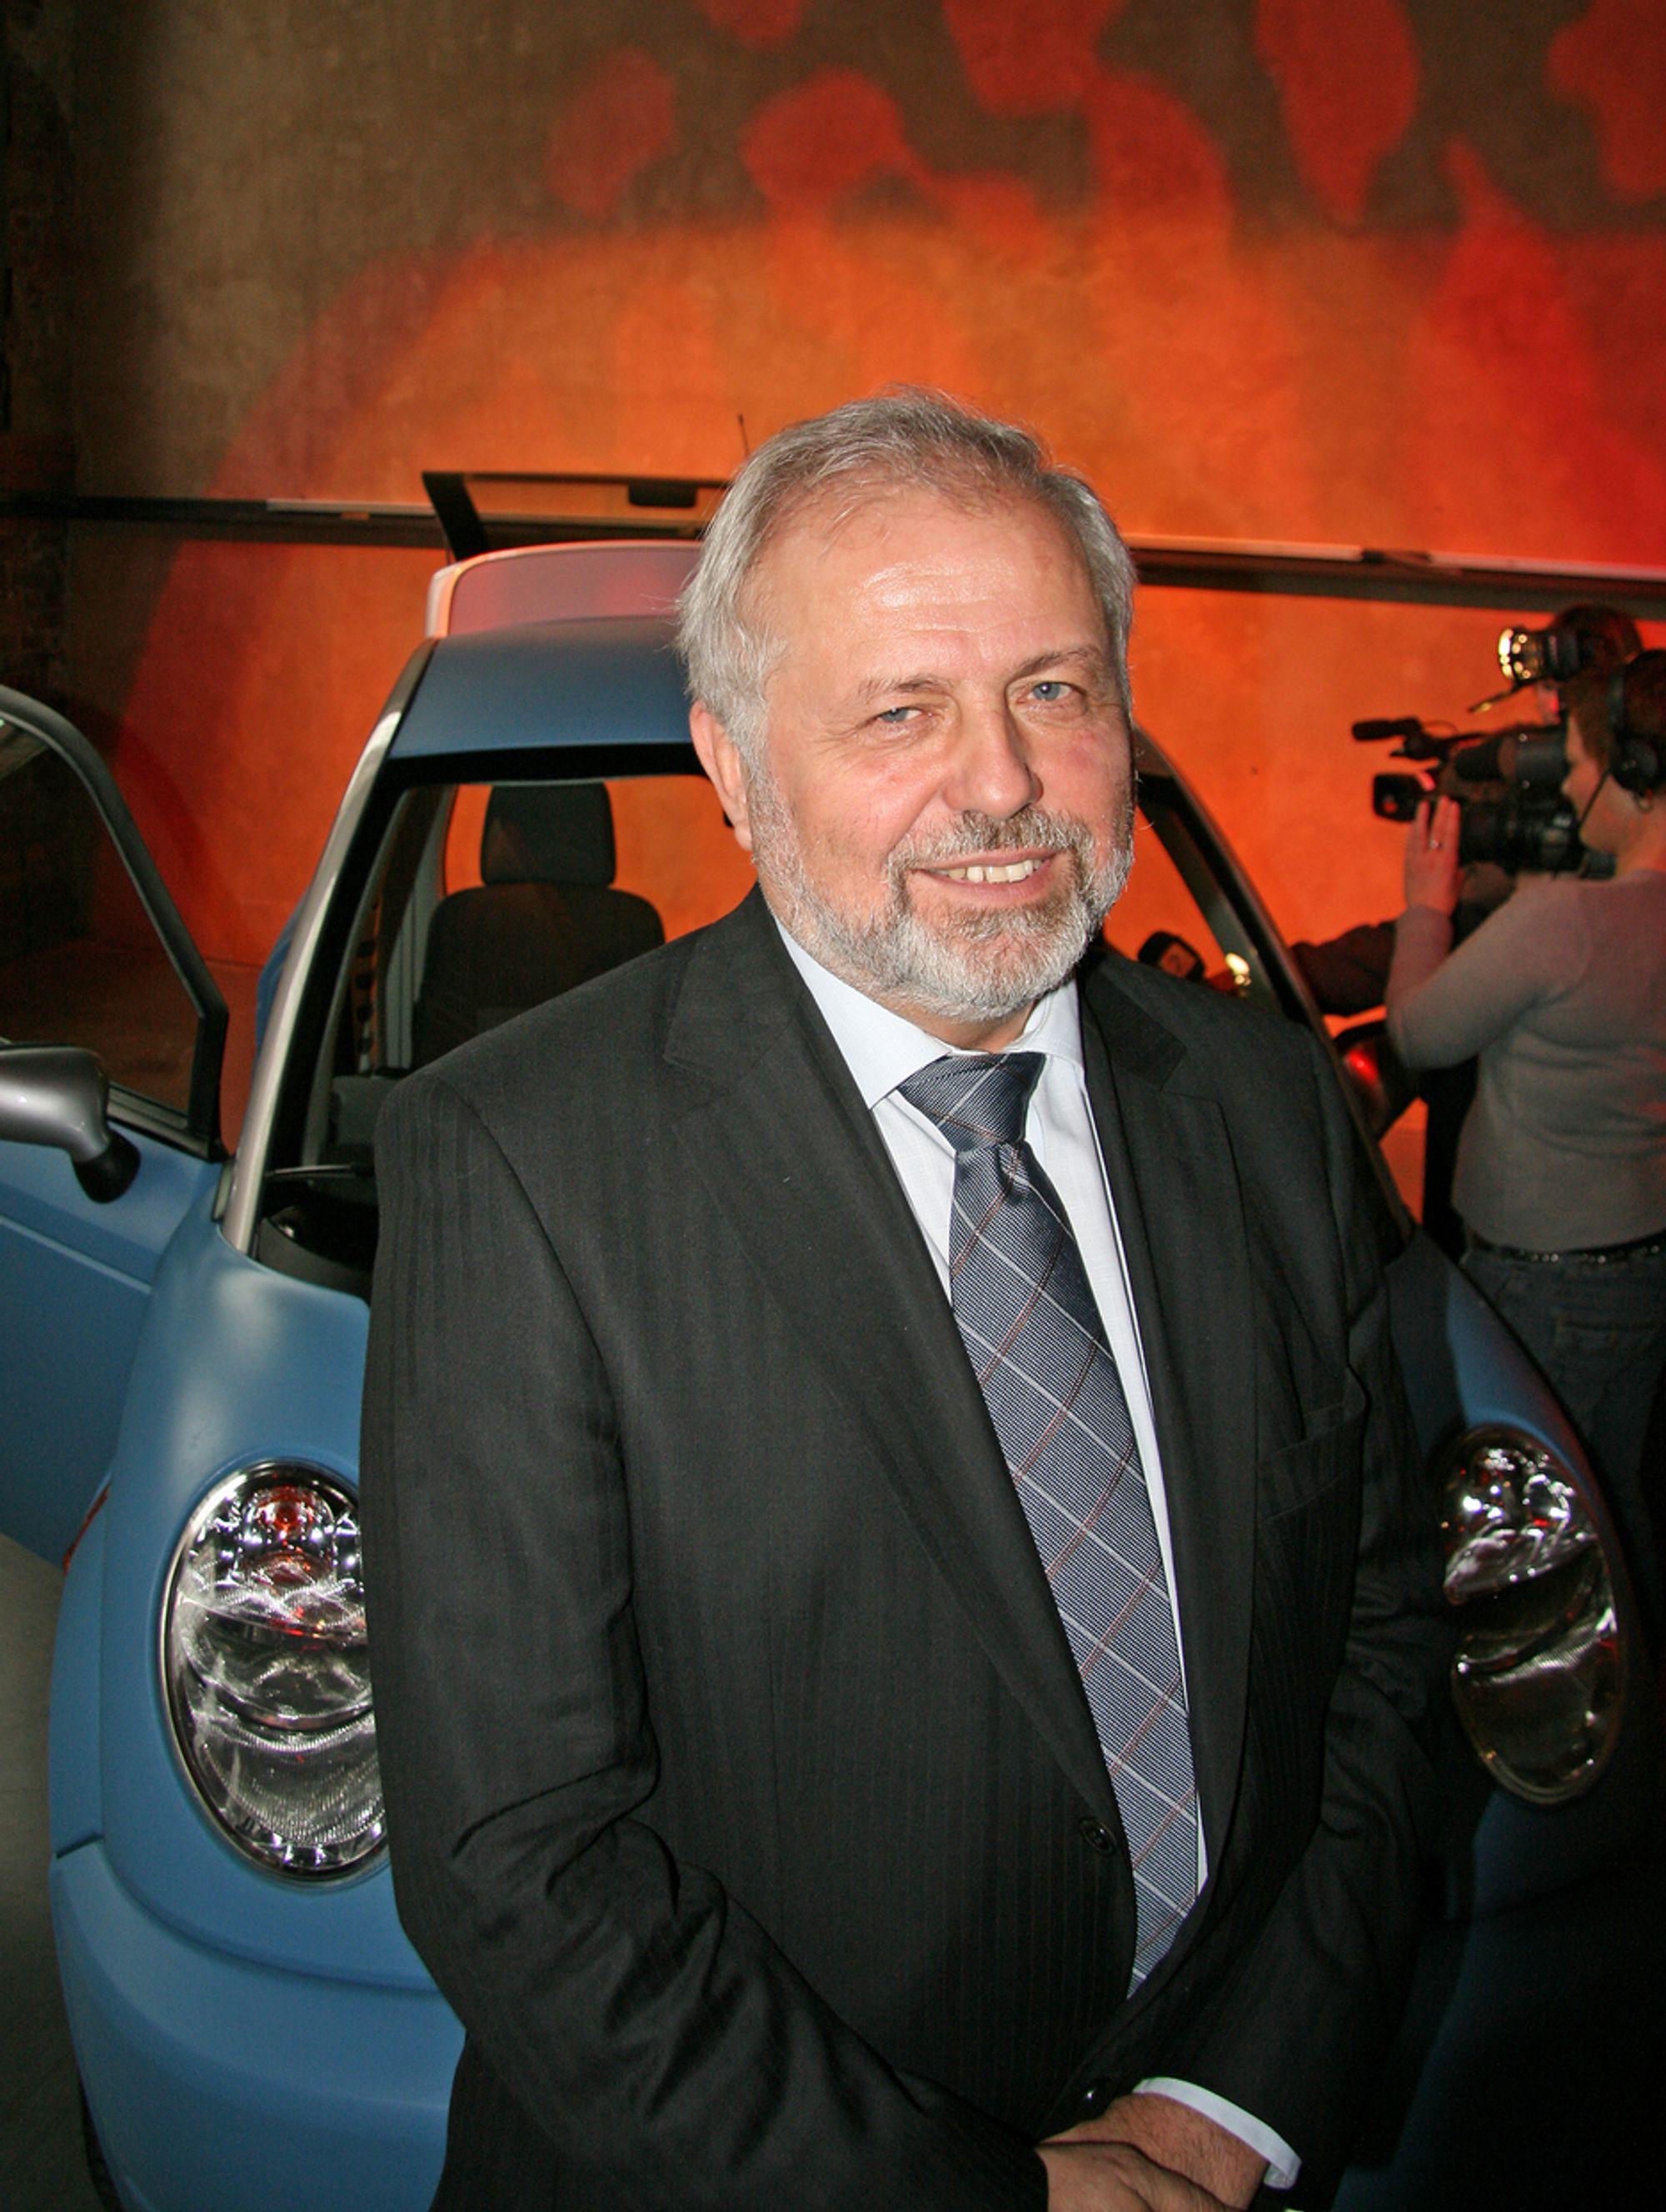 ELEKTRISK MARKED: Adm. direktør Jan-Olaf Willums tror markedet er modent for en moderne elbil og interessen er stor fra hele verden.